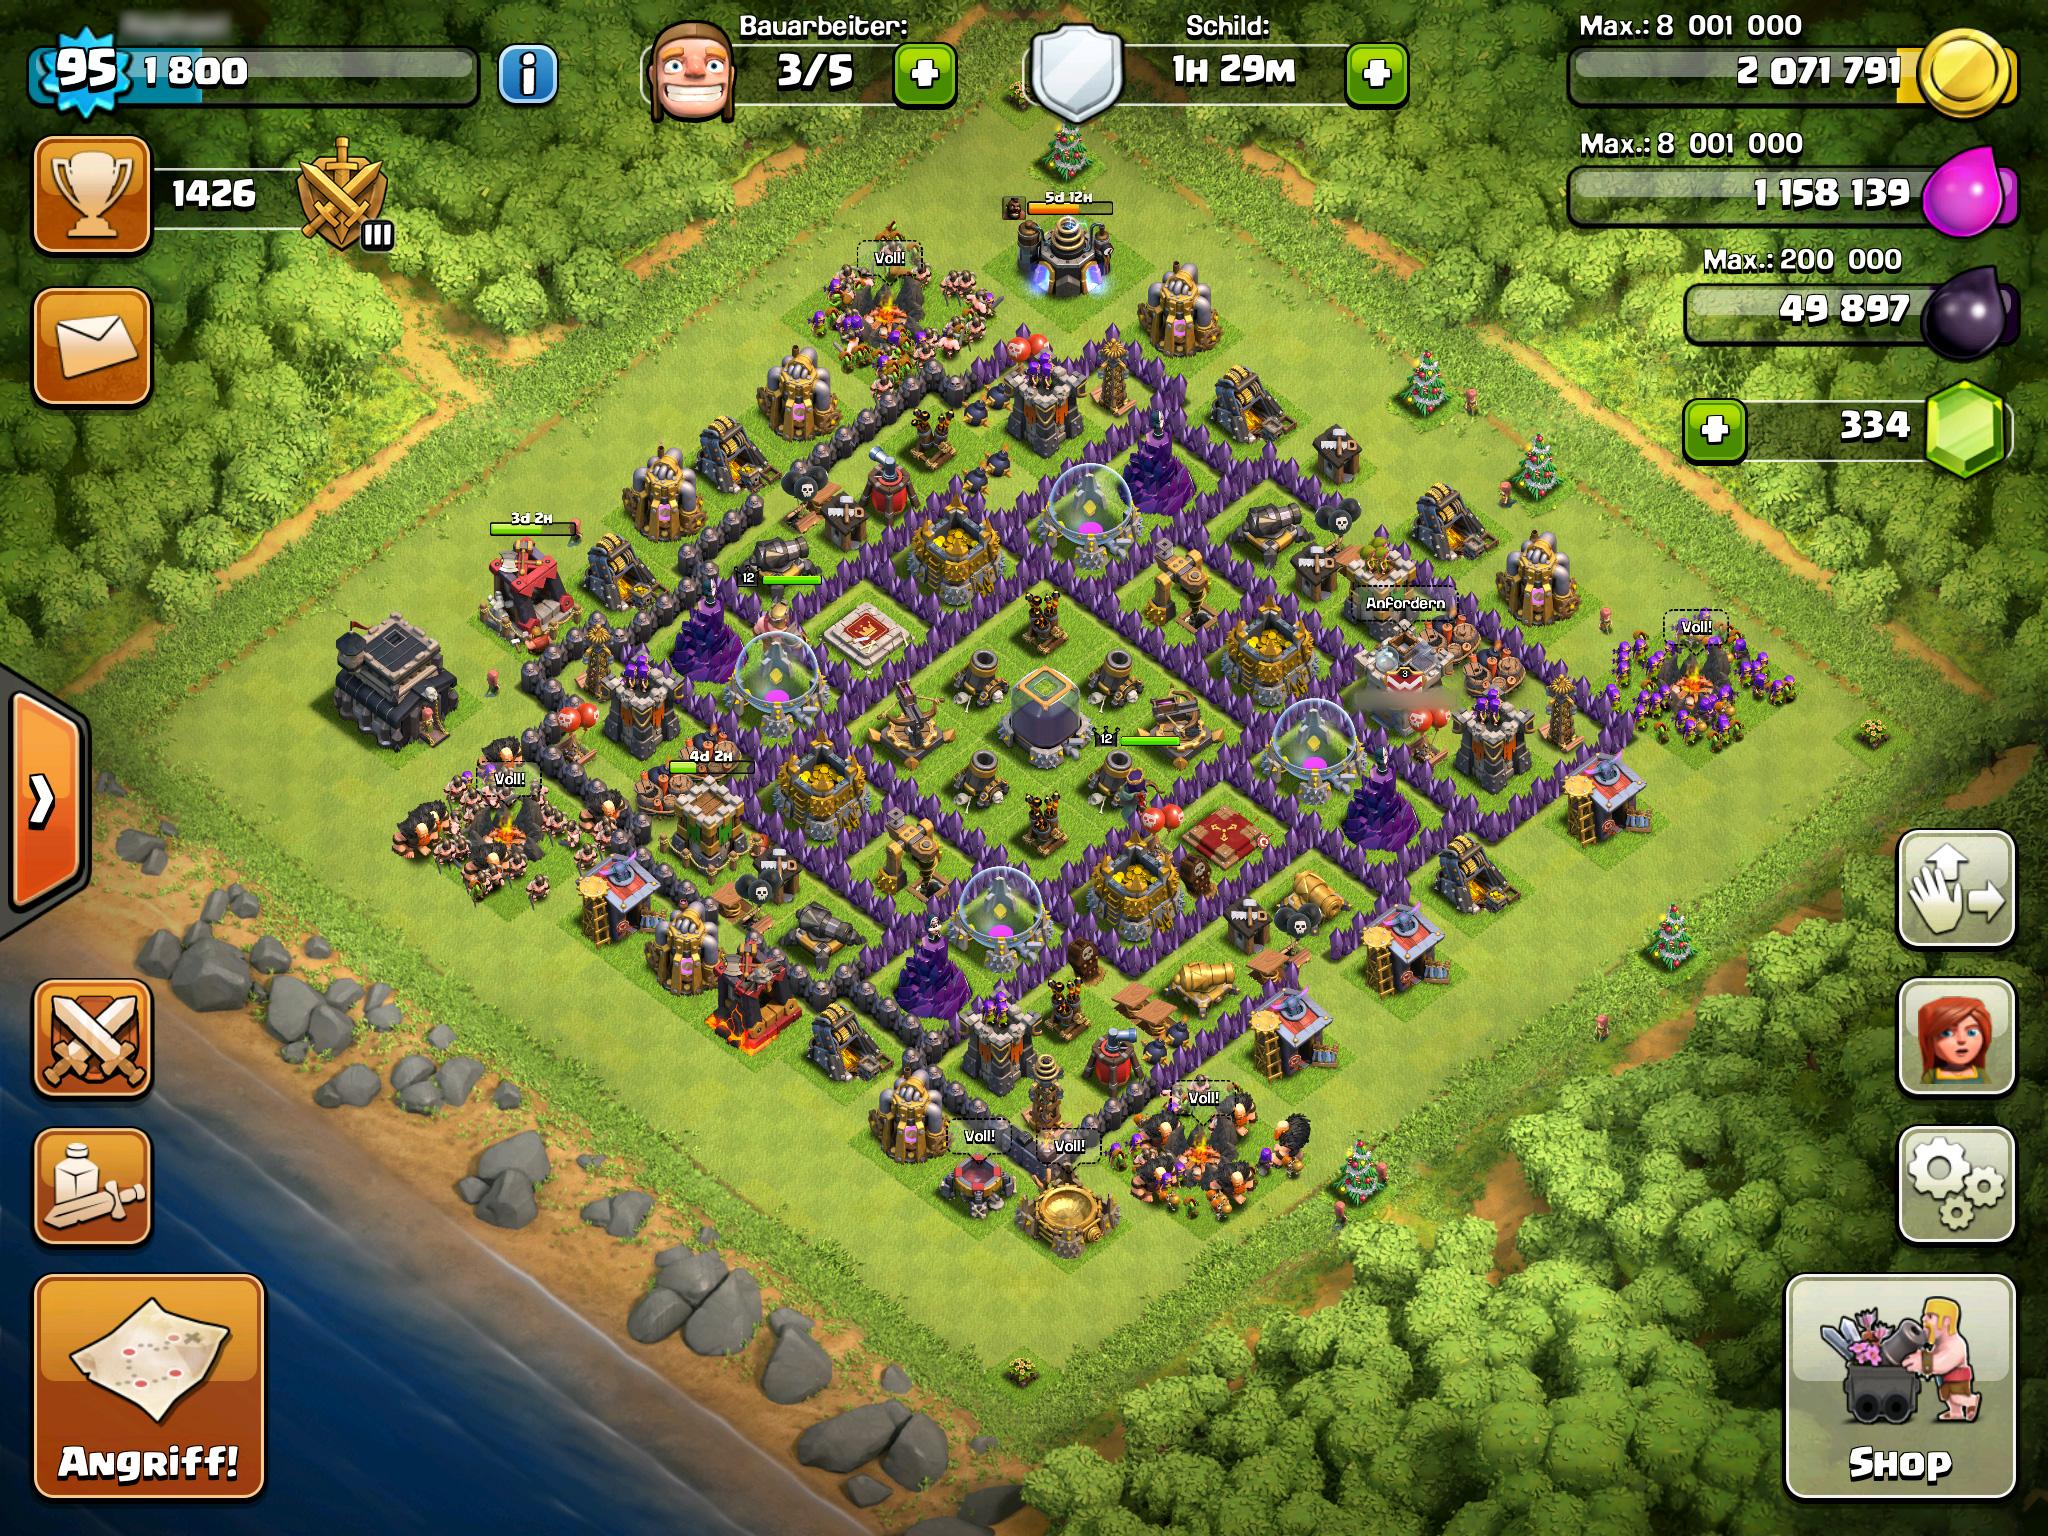 """Abbildung 1: Ein Dorf mit zentralem Rathaus und vollen Truppenlagern. (Screenshot aus """"Clash of Clans"""" 2012)"""